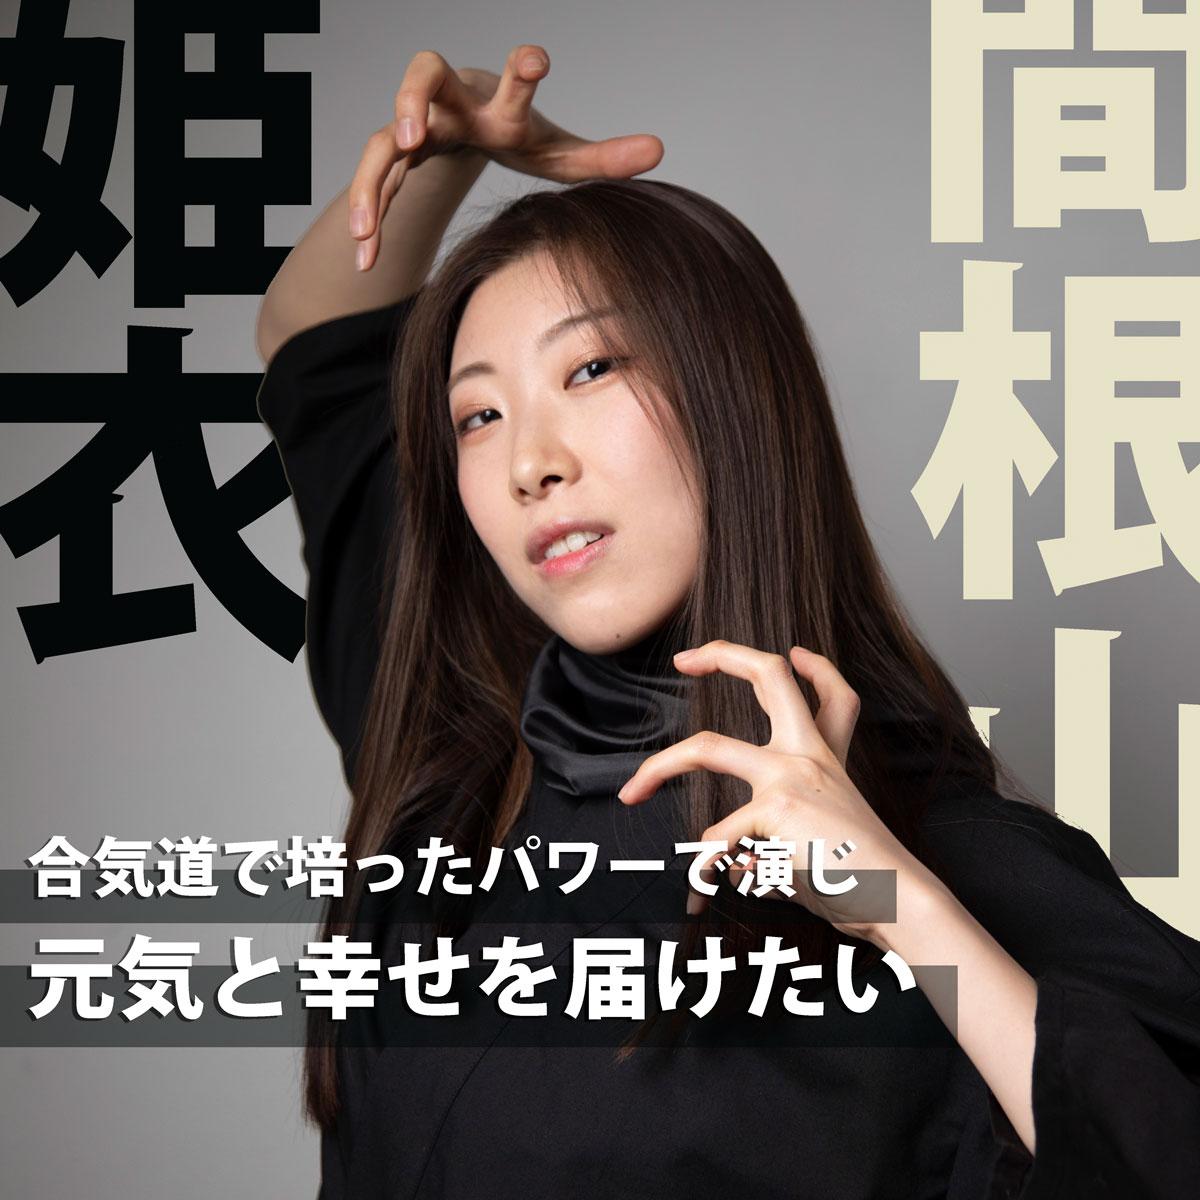 間根山姫衣「合気道で培ったパワーで演じ元気と幸せを届けたい」